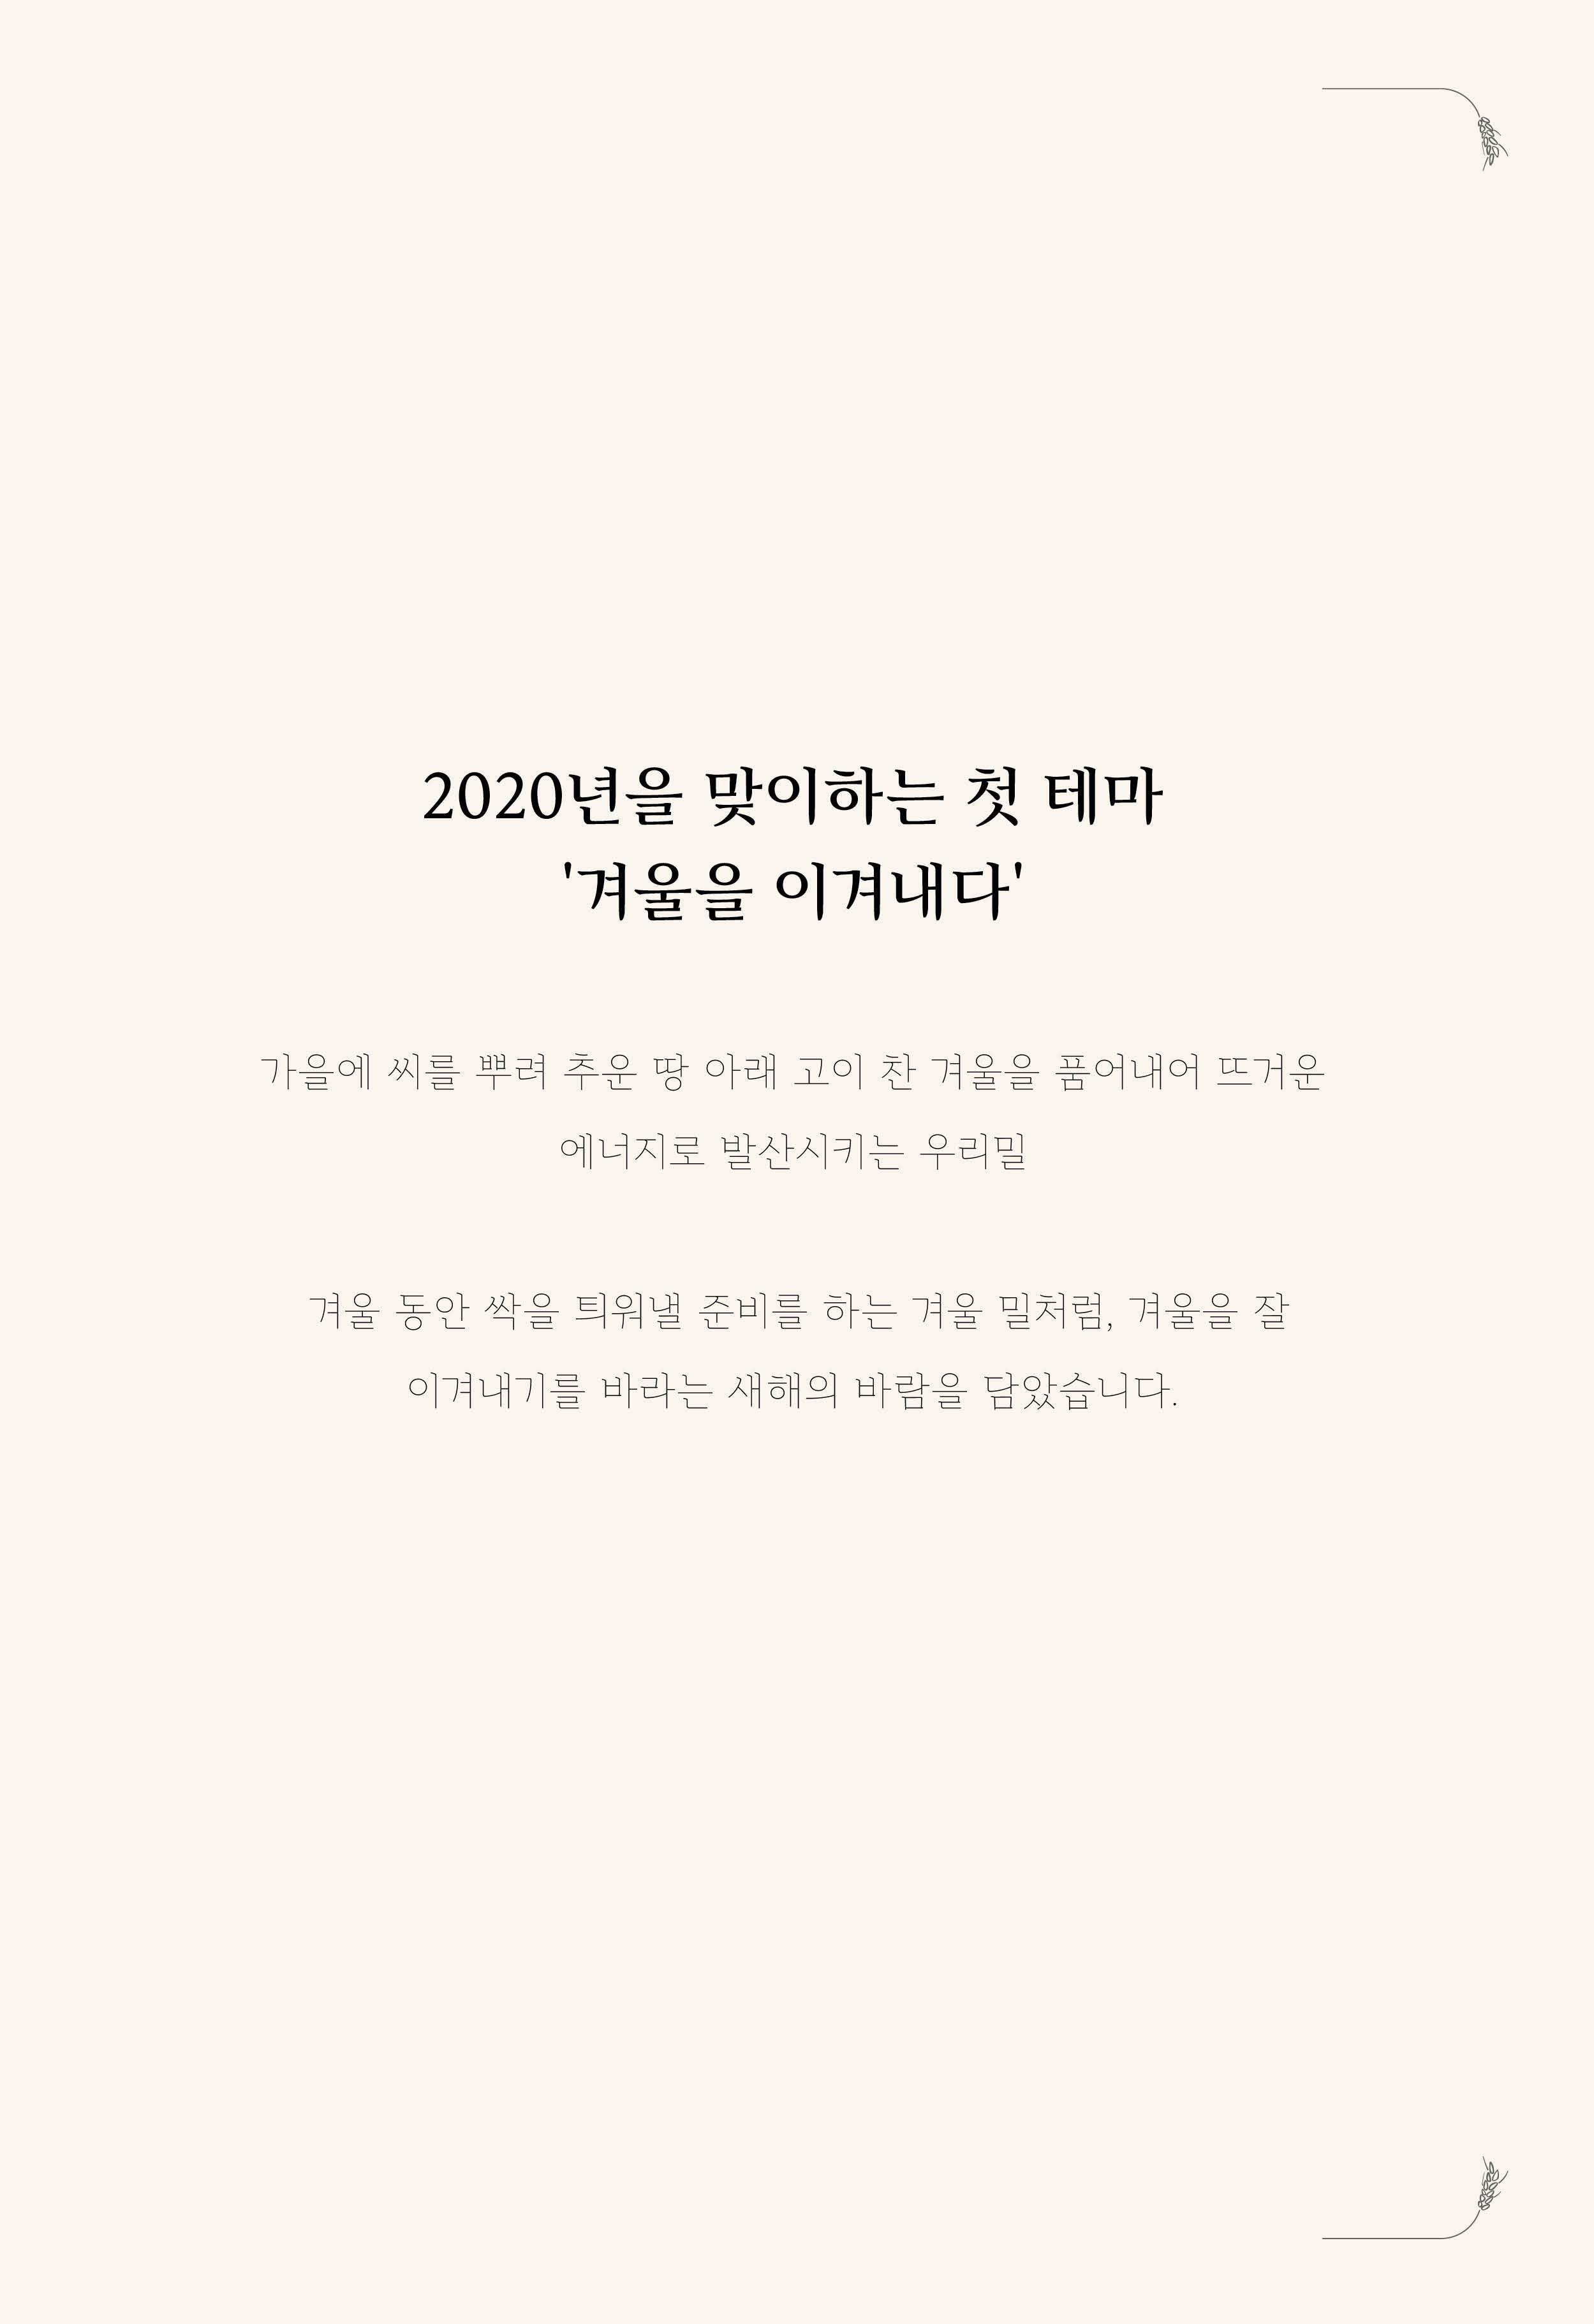 웹책_업로드10